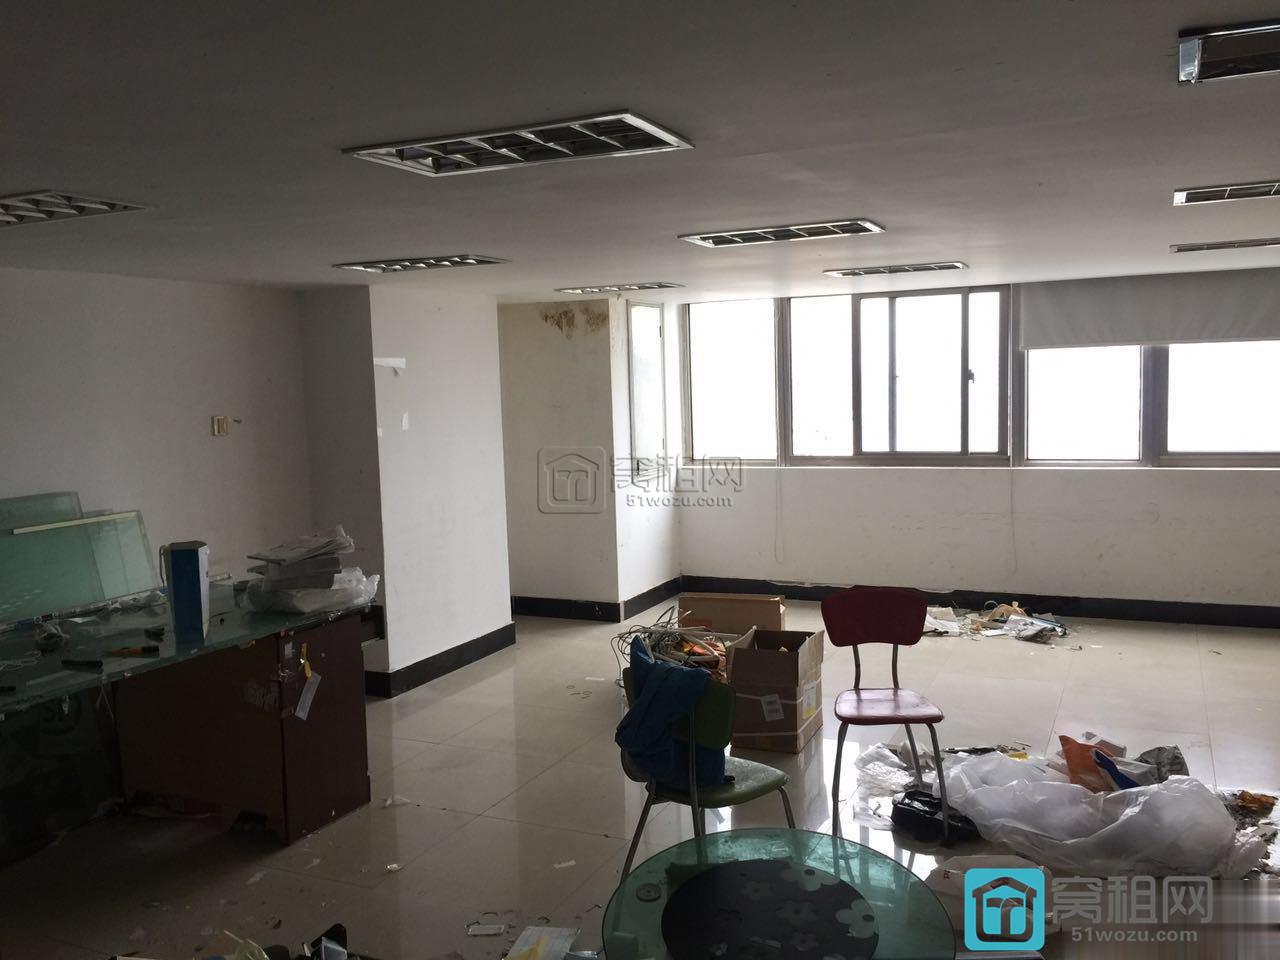 宁波东海曙光大厦108平米复式精装朝南写字楼出租